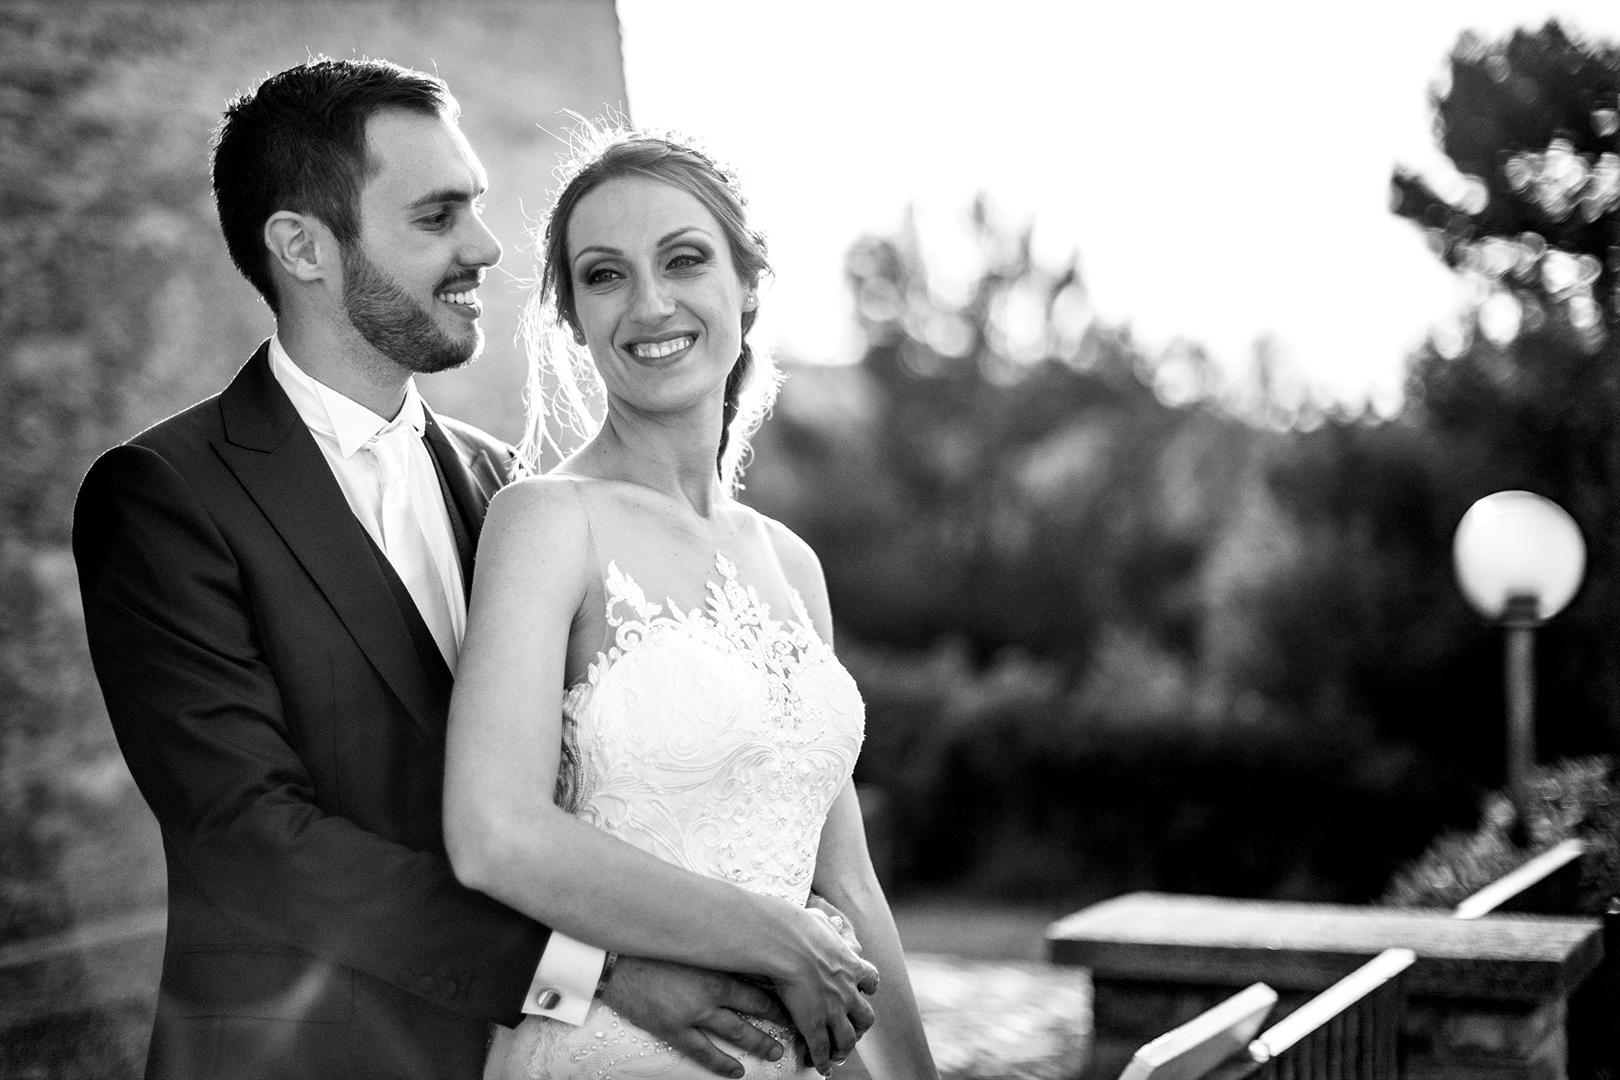 42 gianni-lepore-fotografo-matrimonio-ritratto-sposi-bride-groom-bianco-nero